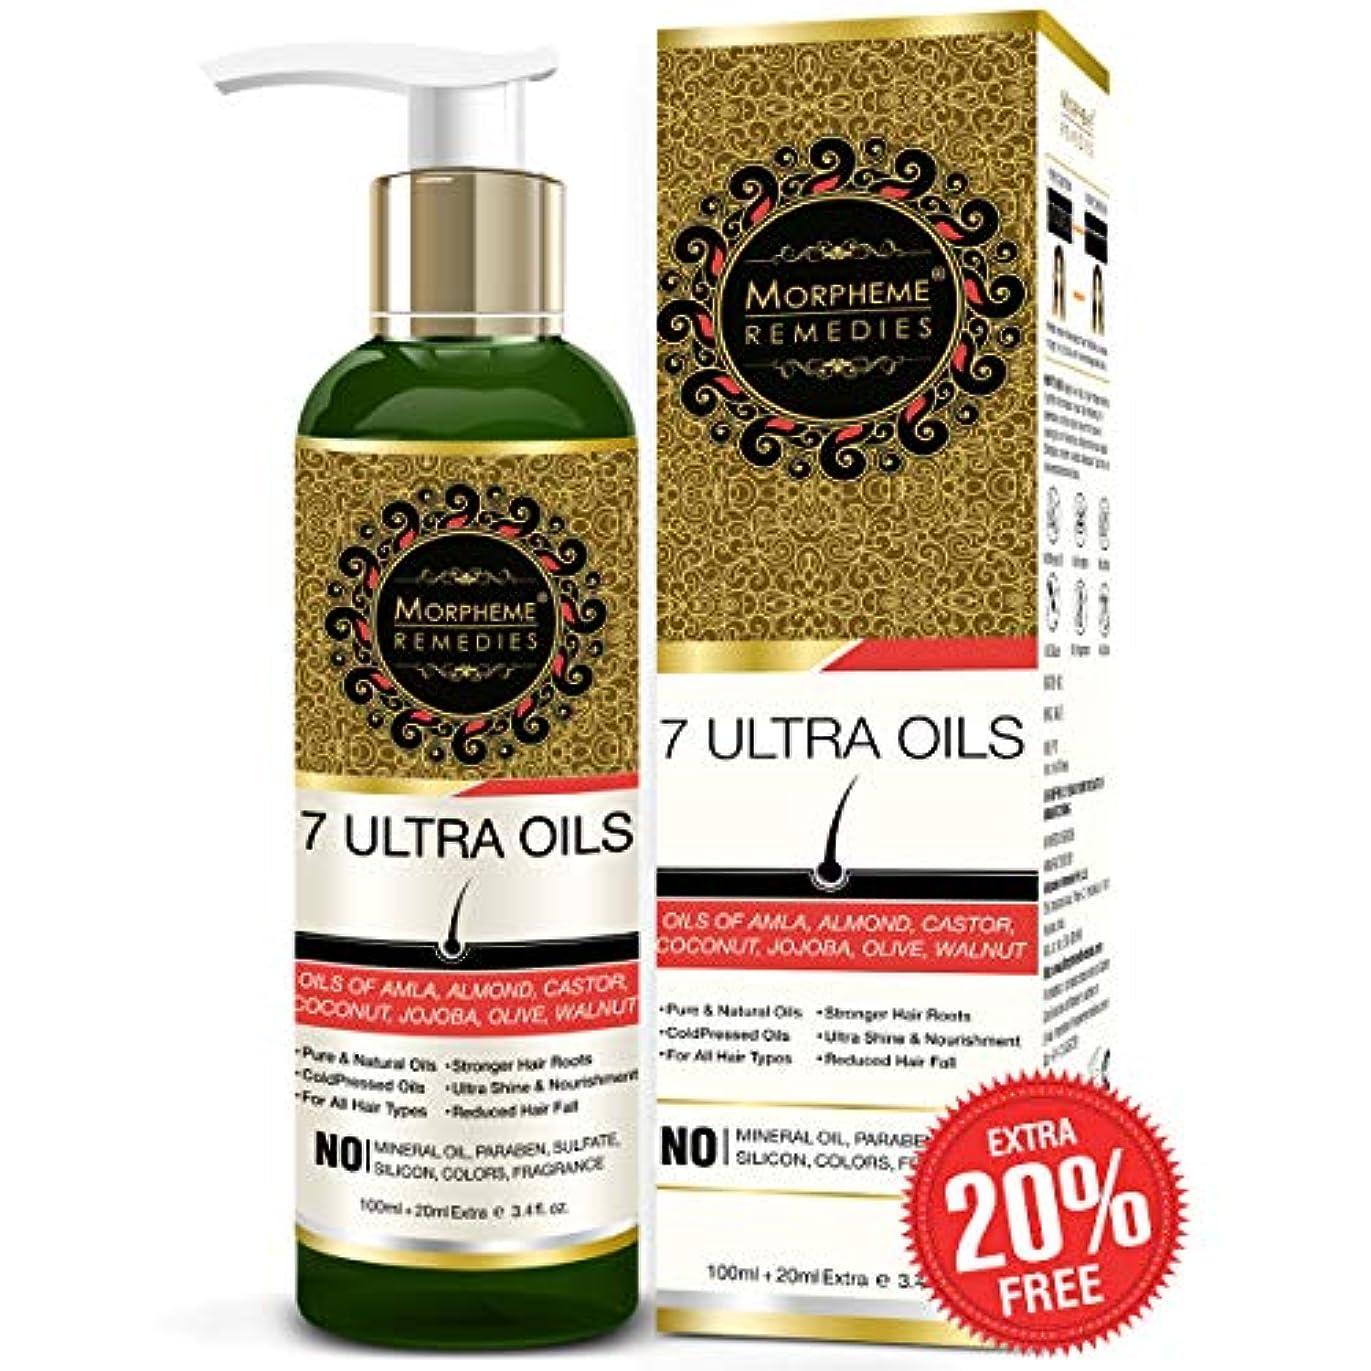 組み合わせメッセンジャーカウントMorpheme Remedies 7 Ultra Hair Oil - (Almond, Castor, Jojoba, Coconut, Olive, Walnut, Amla Oils) - 120 ml